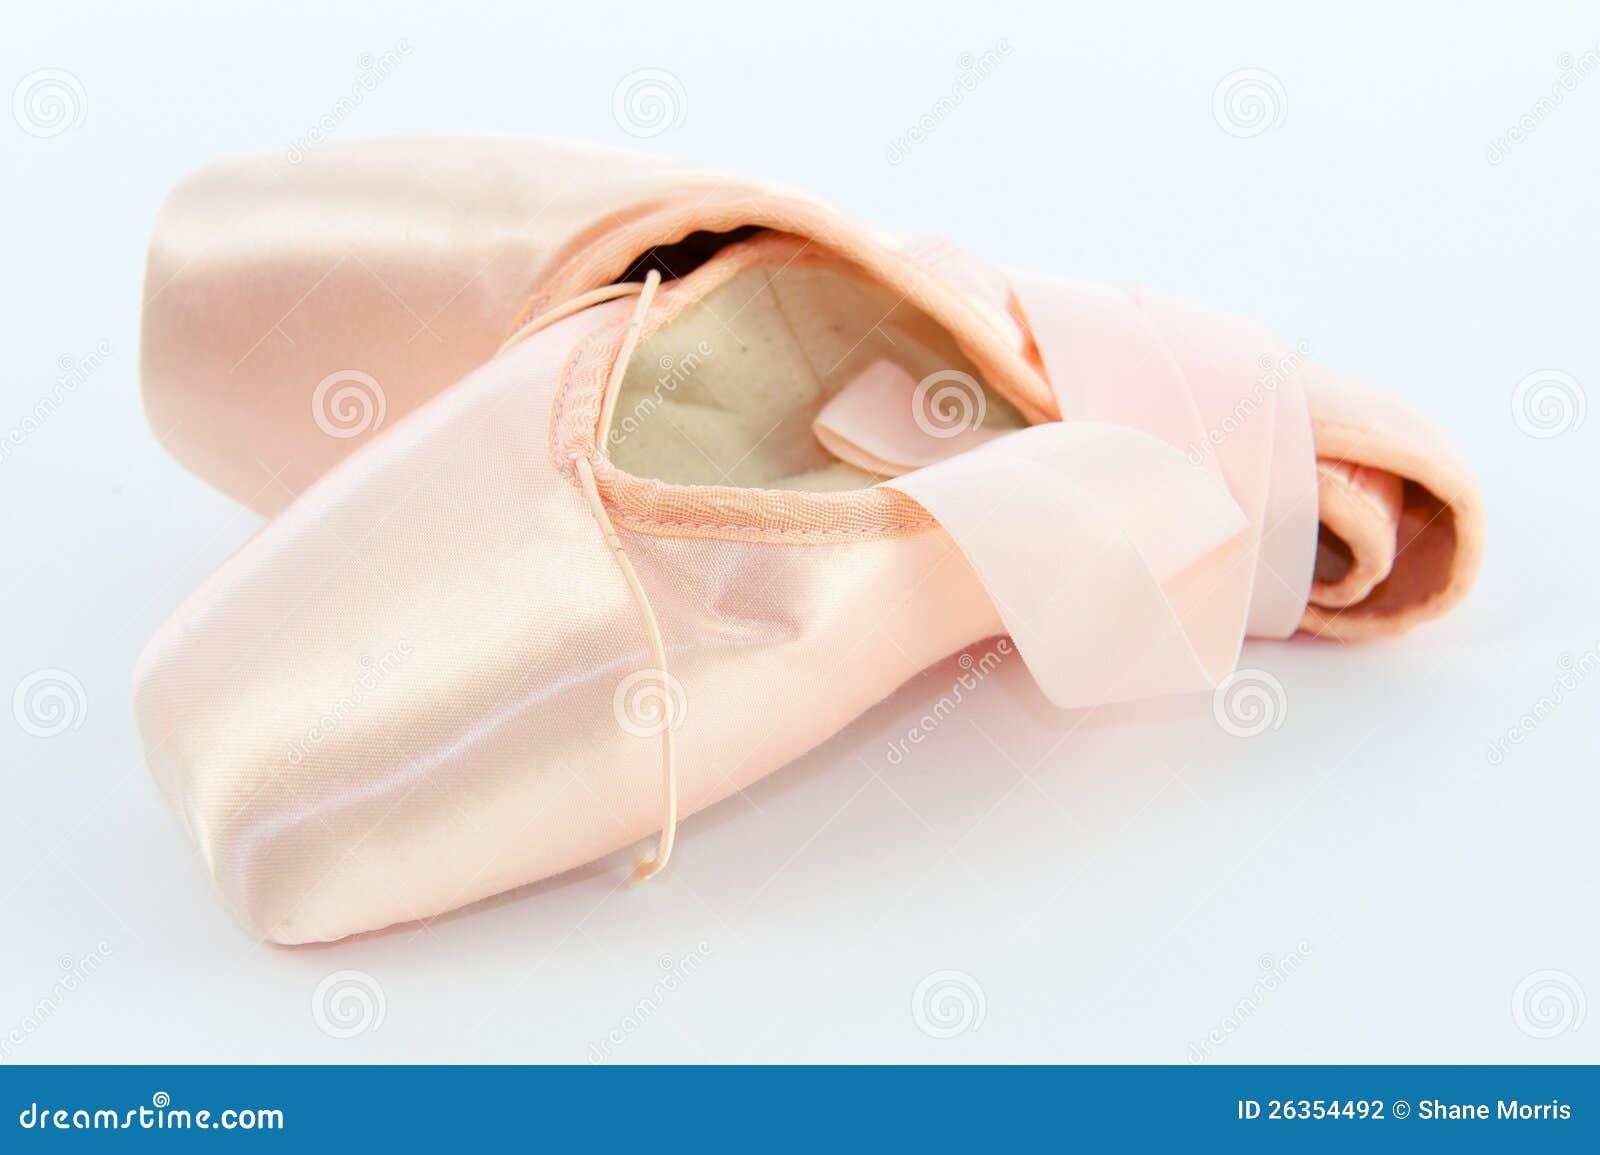 Ballett-Punkt-Schuhe oder Hefterzufuhren